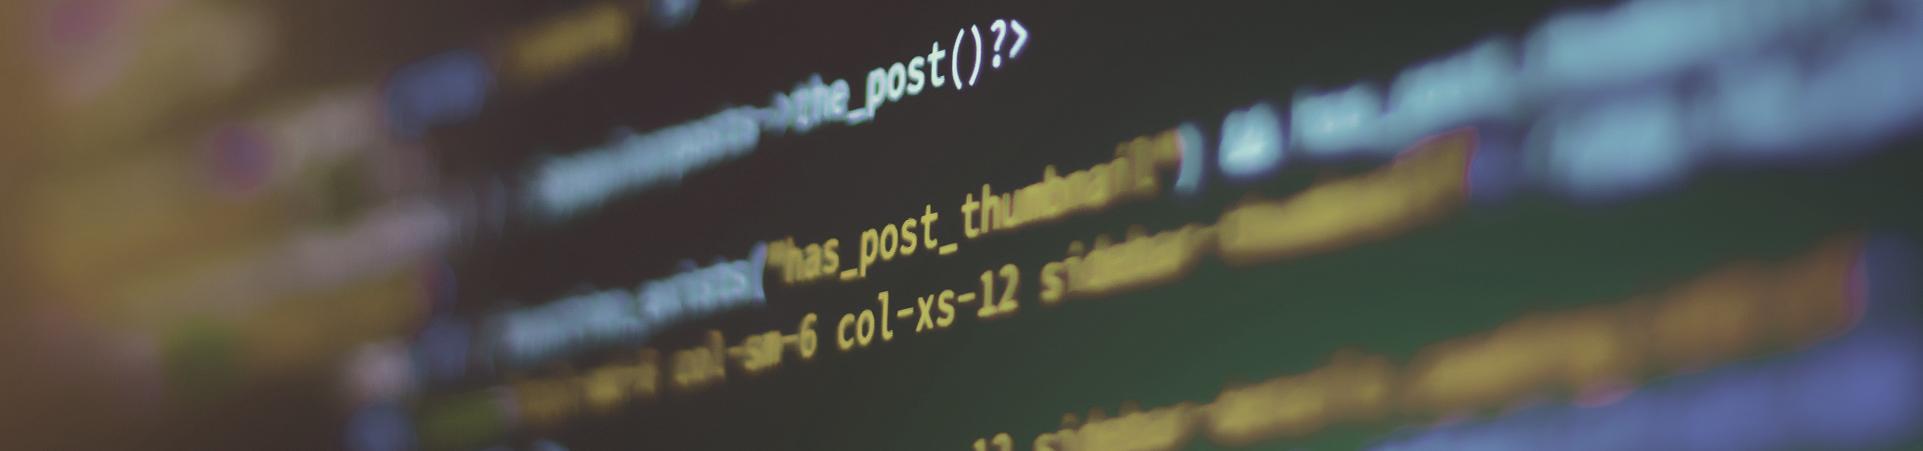 Imagen cabecera curso seguridad informática